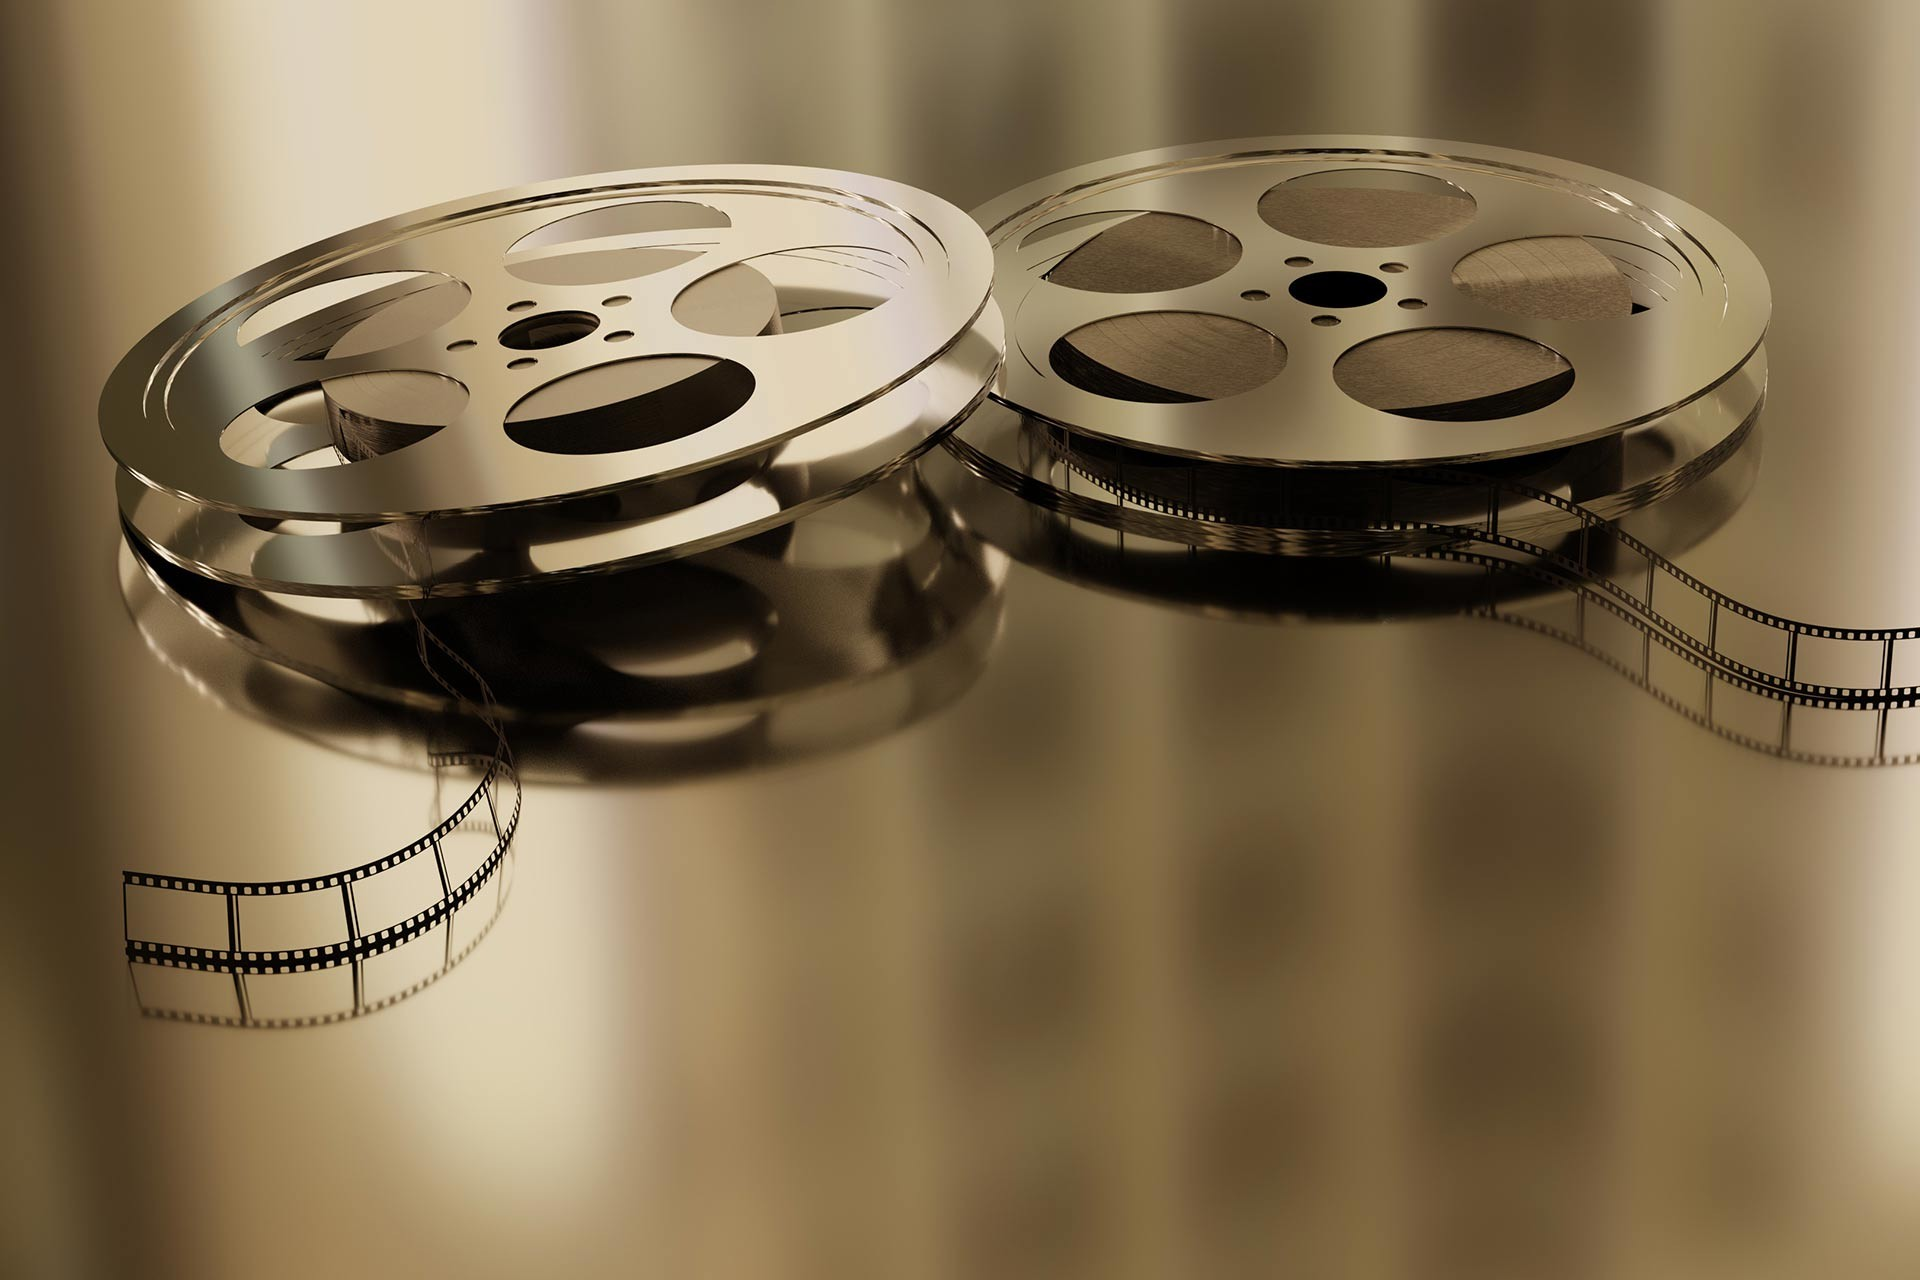 Cinema programs